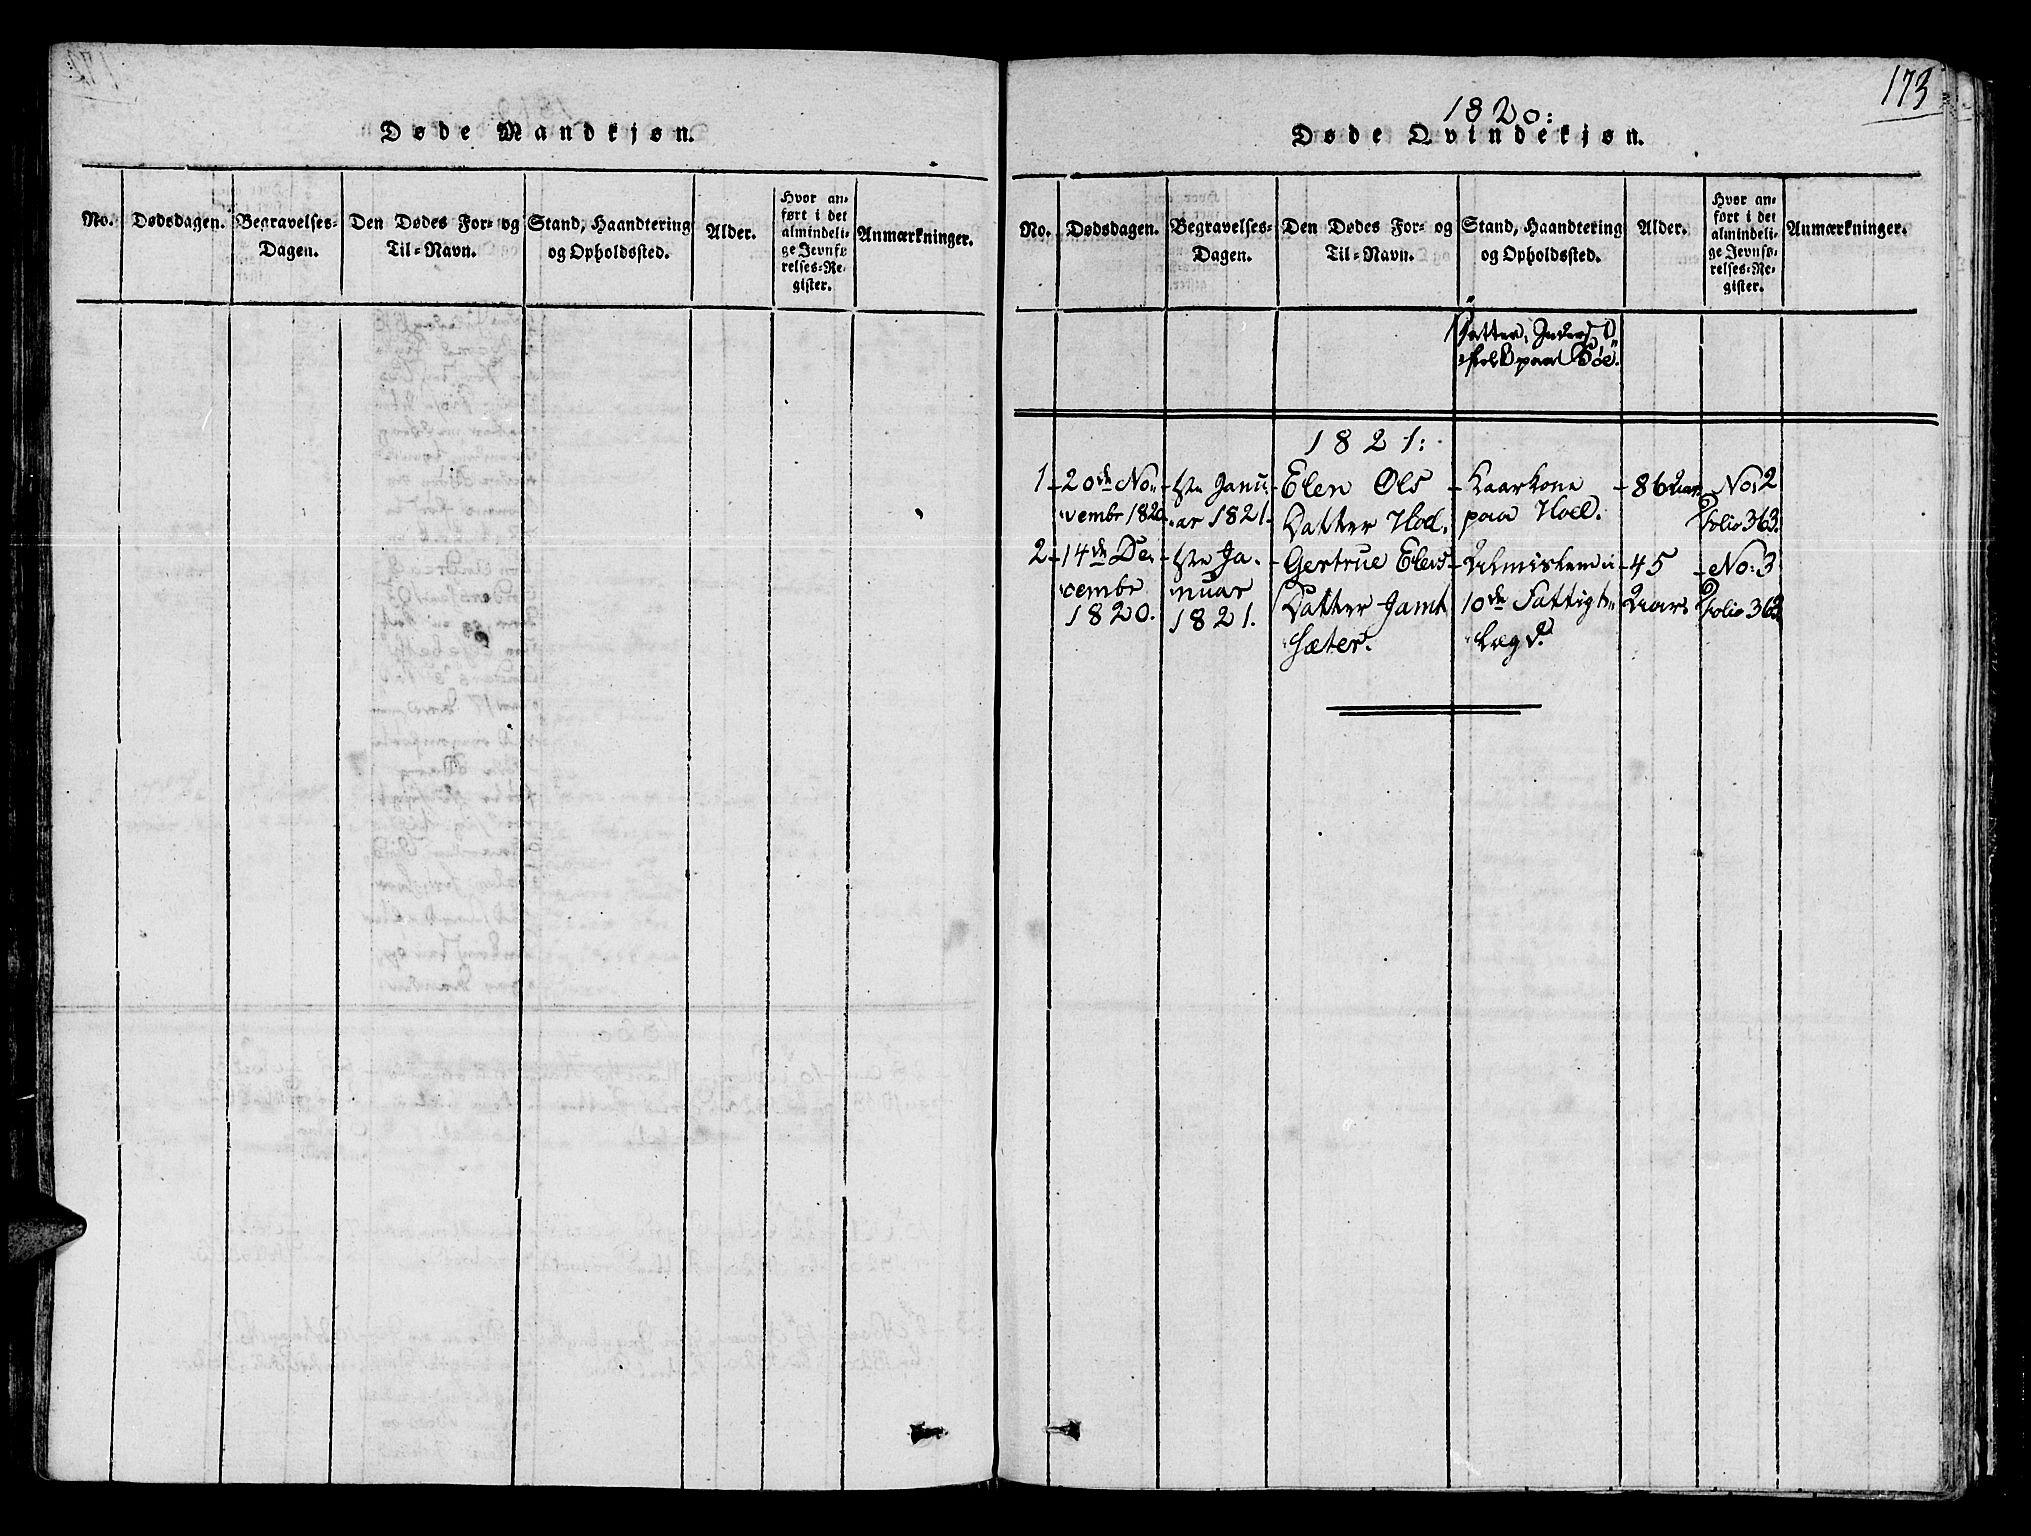 SAT, Ministerialprotokoller, klokkerbøker og fødselsregistre - Sør-Trøndelag, 678/L0896: Ministerialbok nr. 678A05 /2, 1816-1821, s. 173